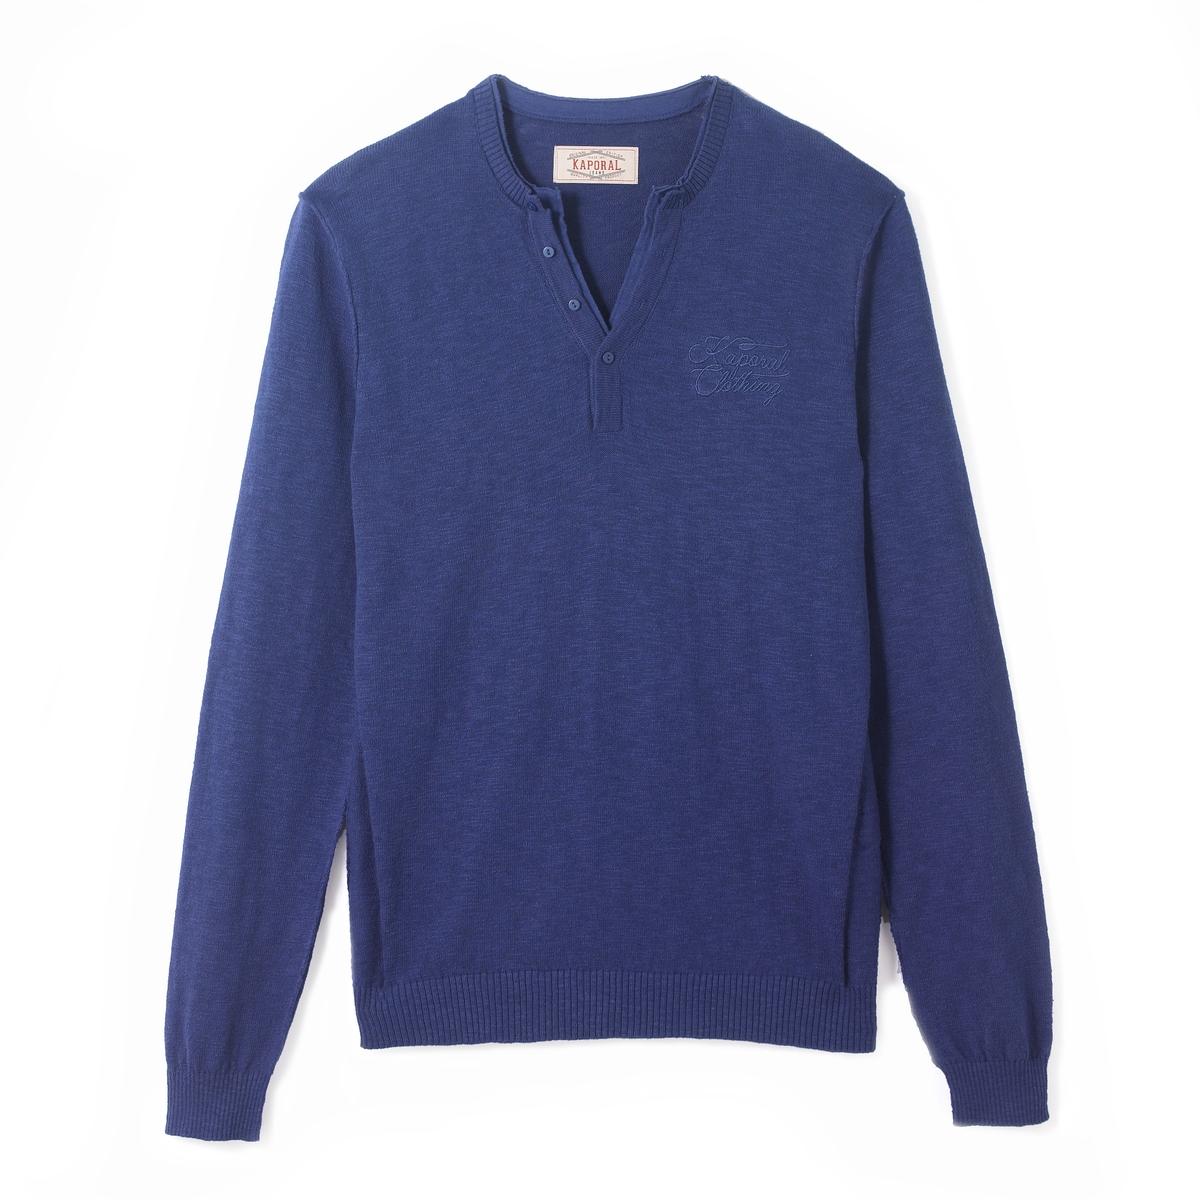 Пуловер с круглым вырезомСостав и описаниеМатериал: 100% хлопок.Марка:  KAPORAL.<br><br>Цвет: синий,черный<br>Размер: S.M.L.M.L